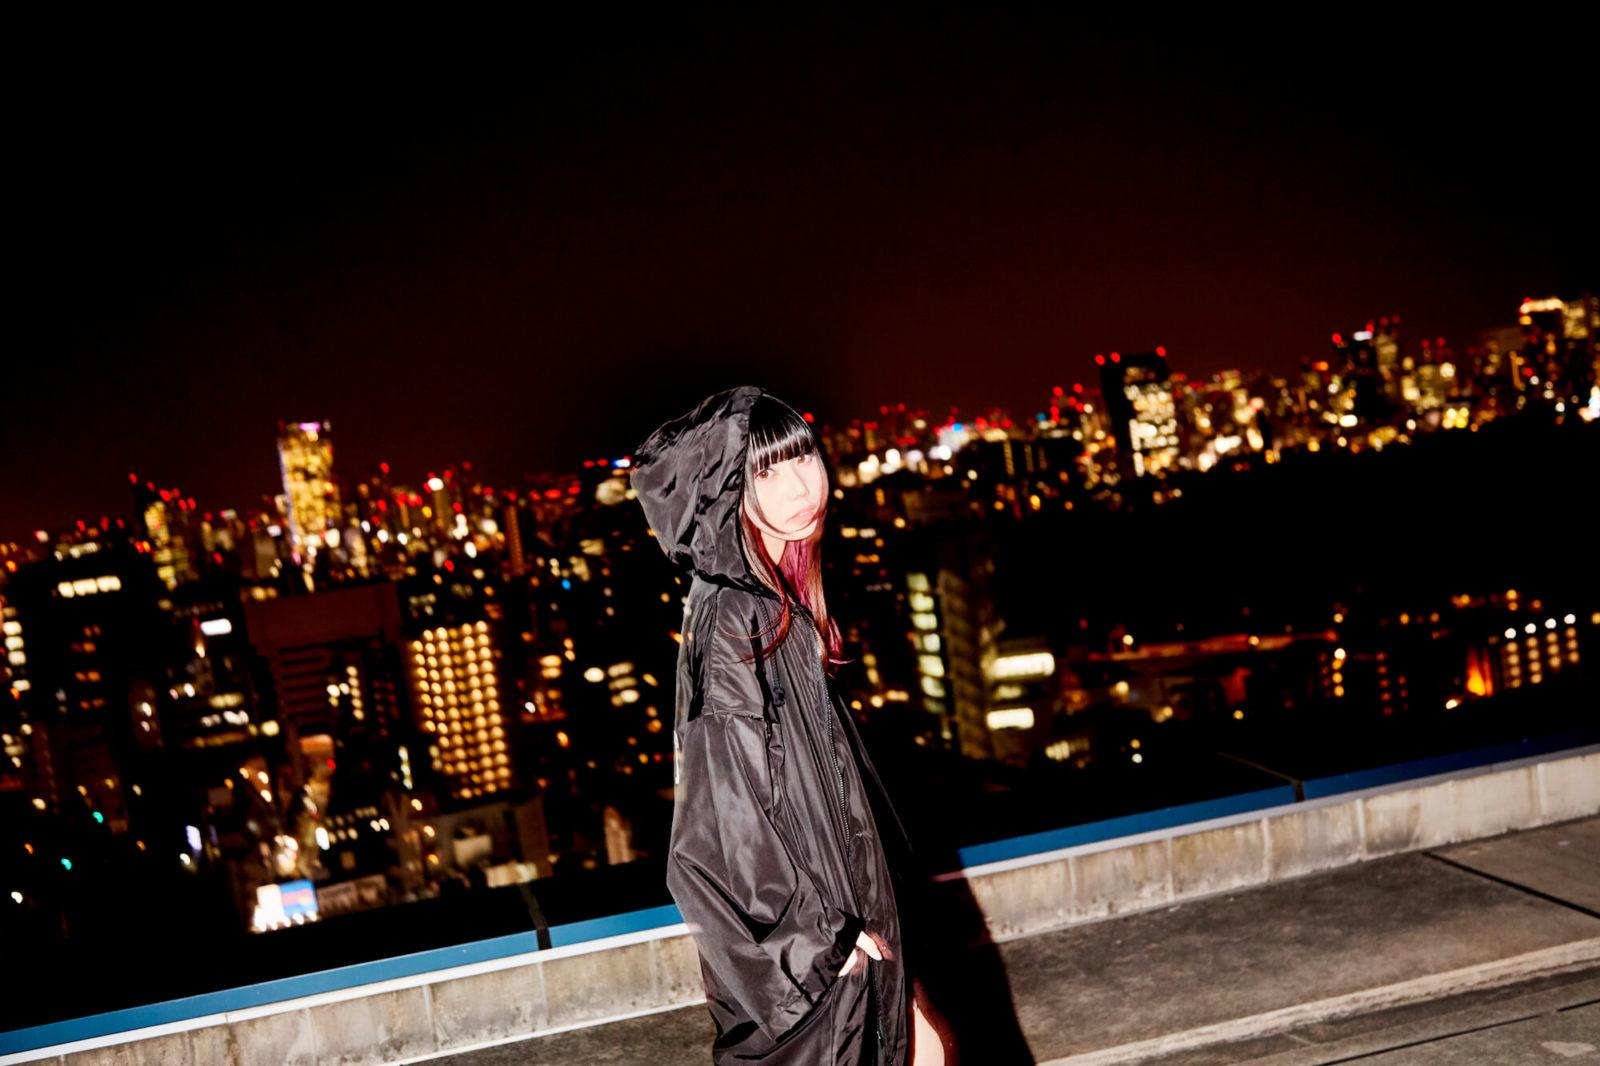 SHACHI、テレ朝SPドラマ『ラッパーに噛まれたらラッパーになるドラマ』主題歌に配信EP『alone』より「One Day」大抜擢サムネイル画像